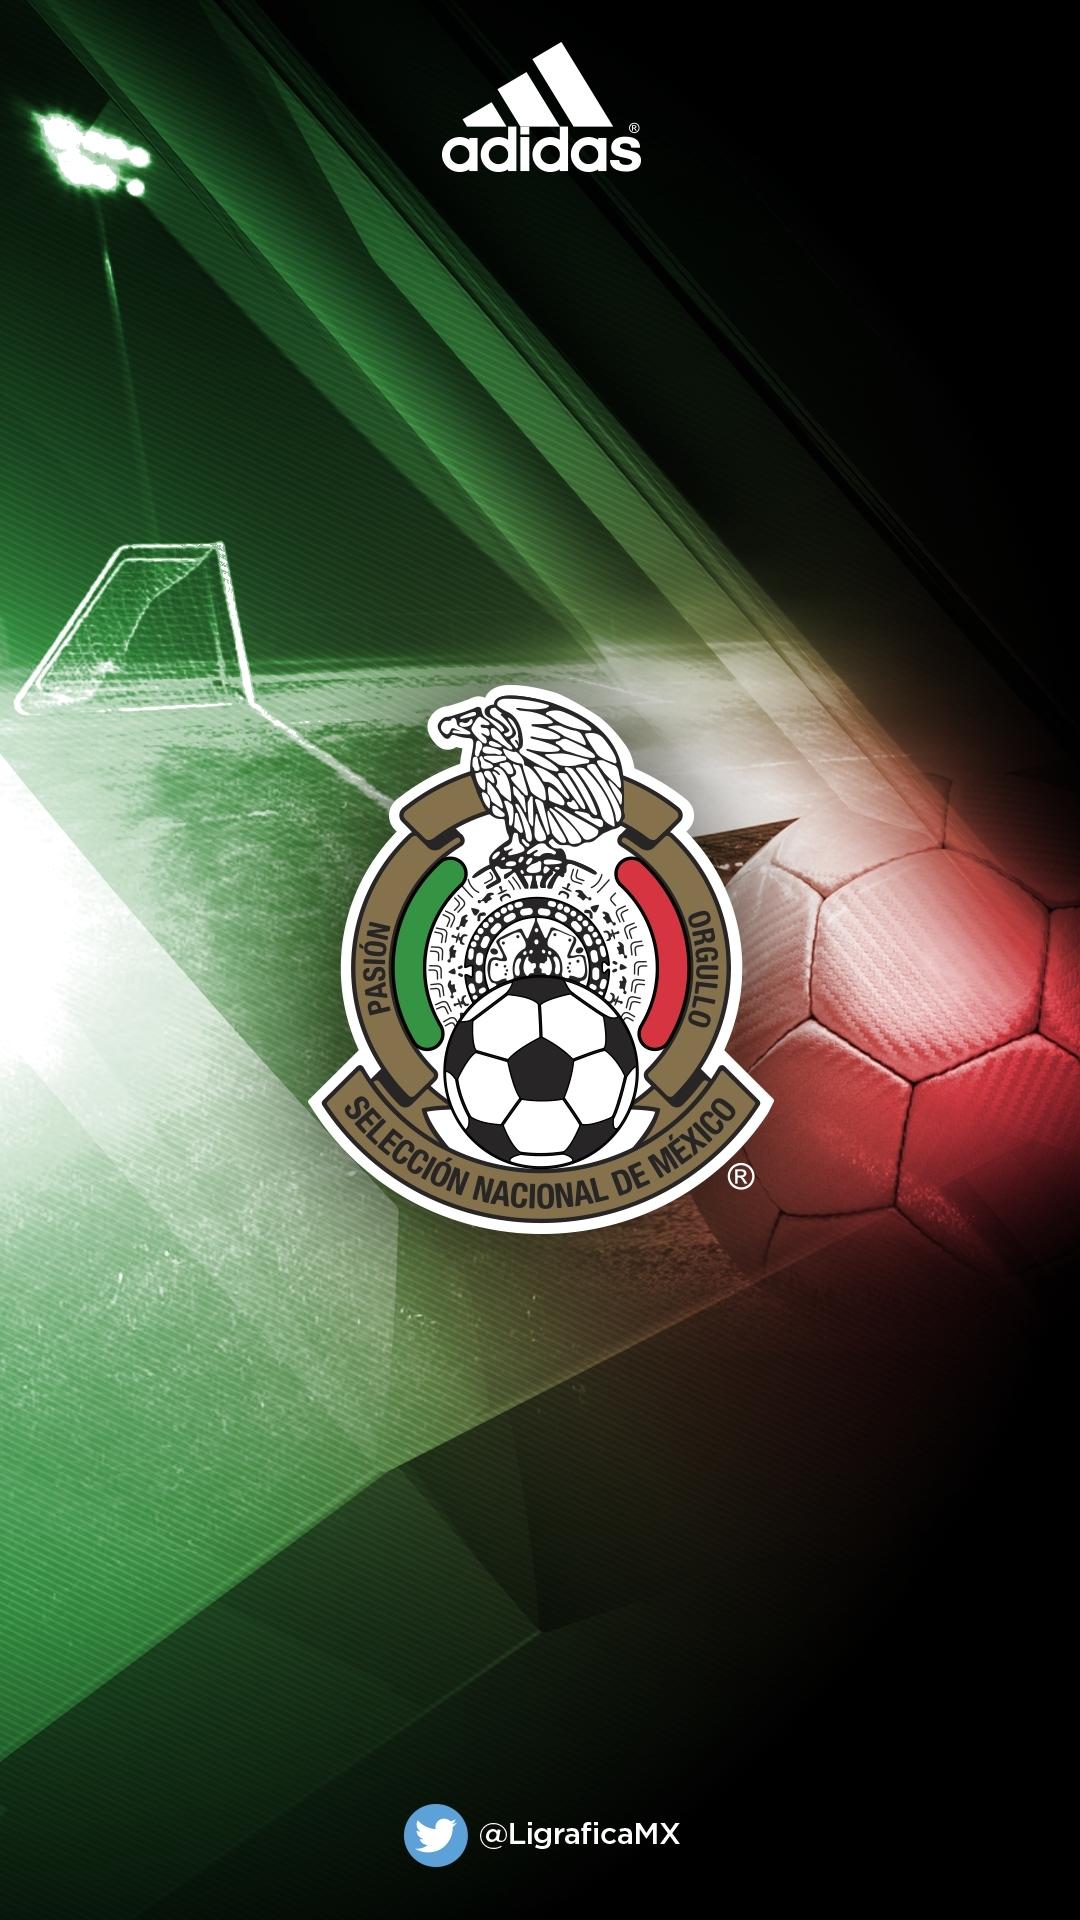 selección mexicana #ligraficamx 21/04/15ctg | mexico's national team